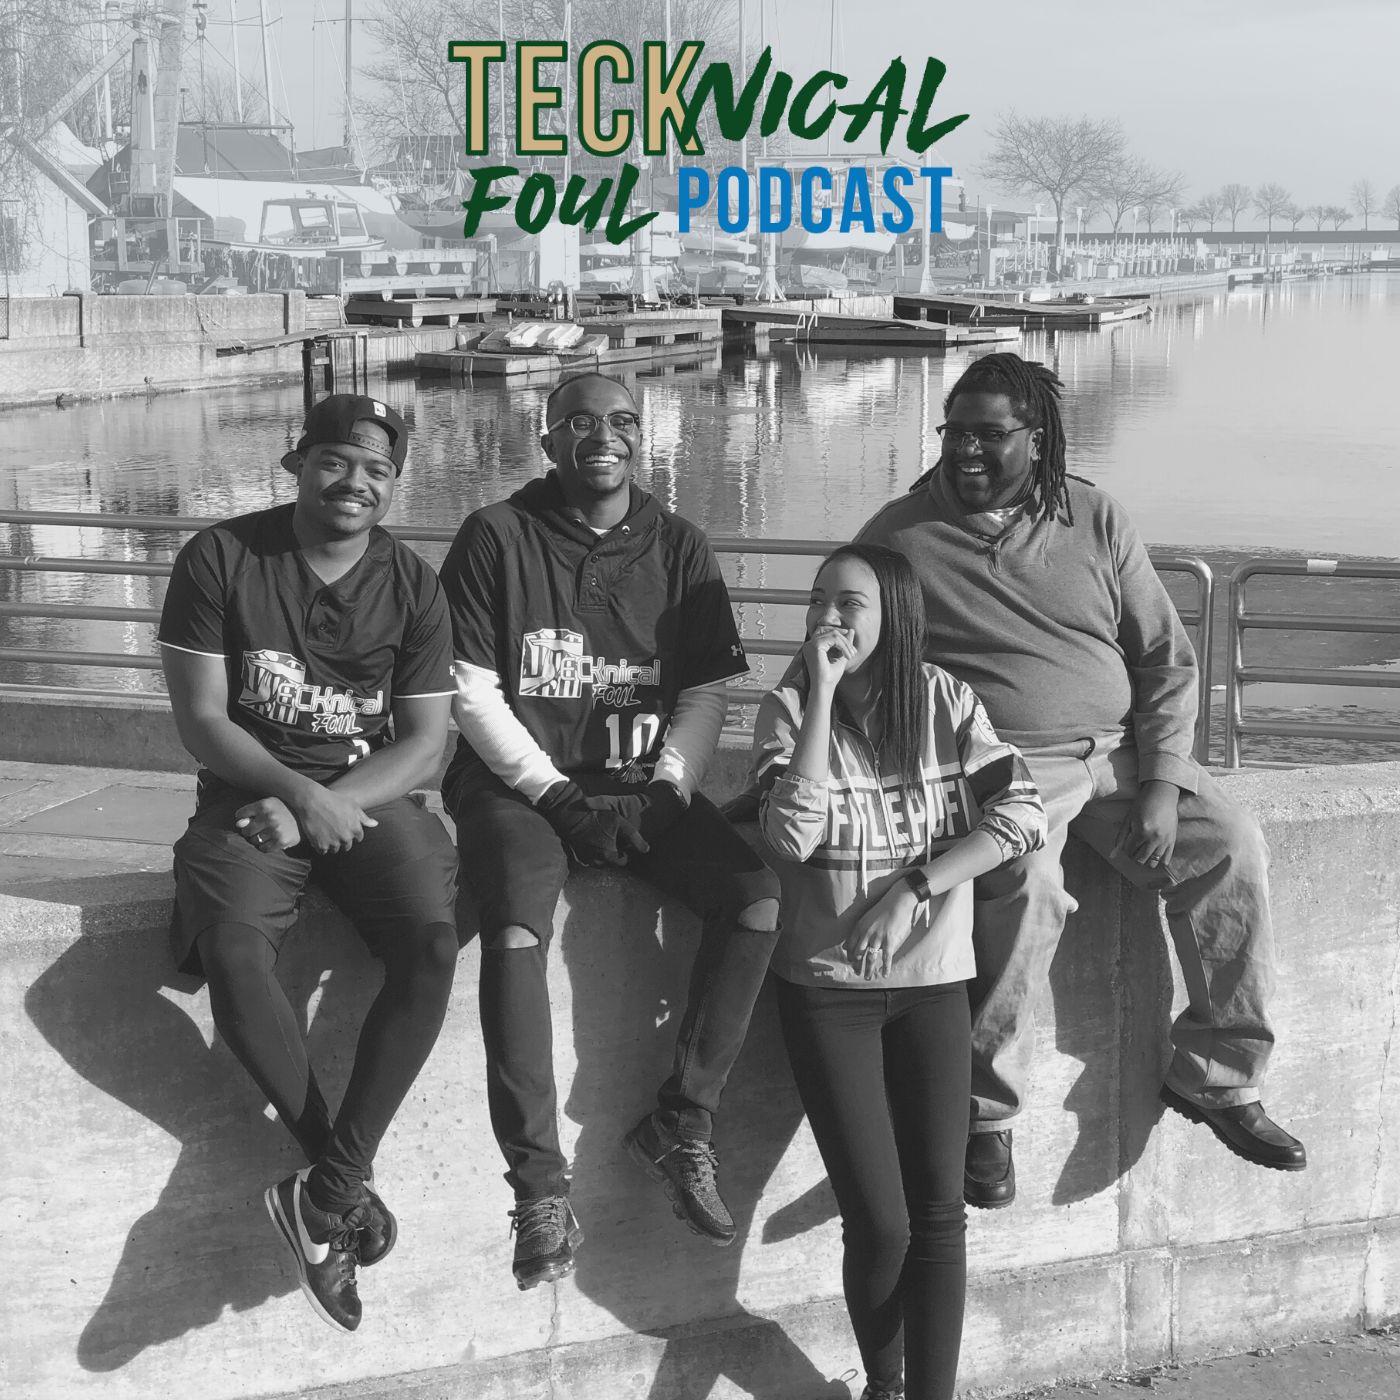 TECKnical Foul Podcast